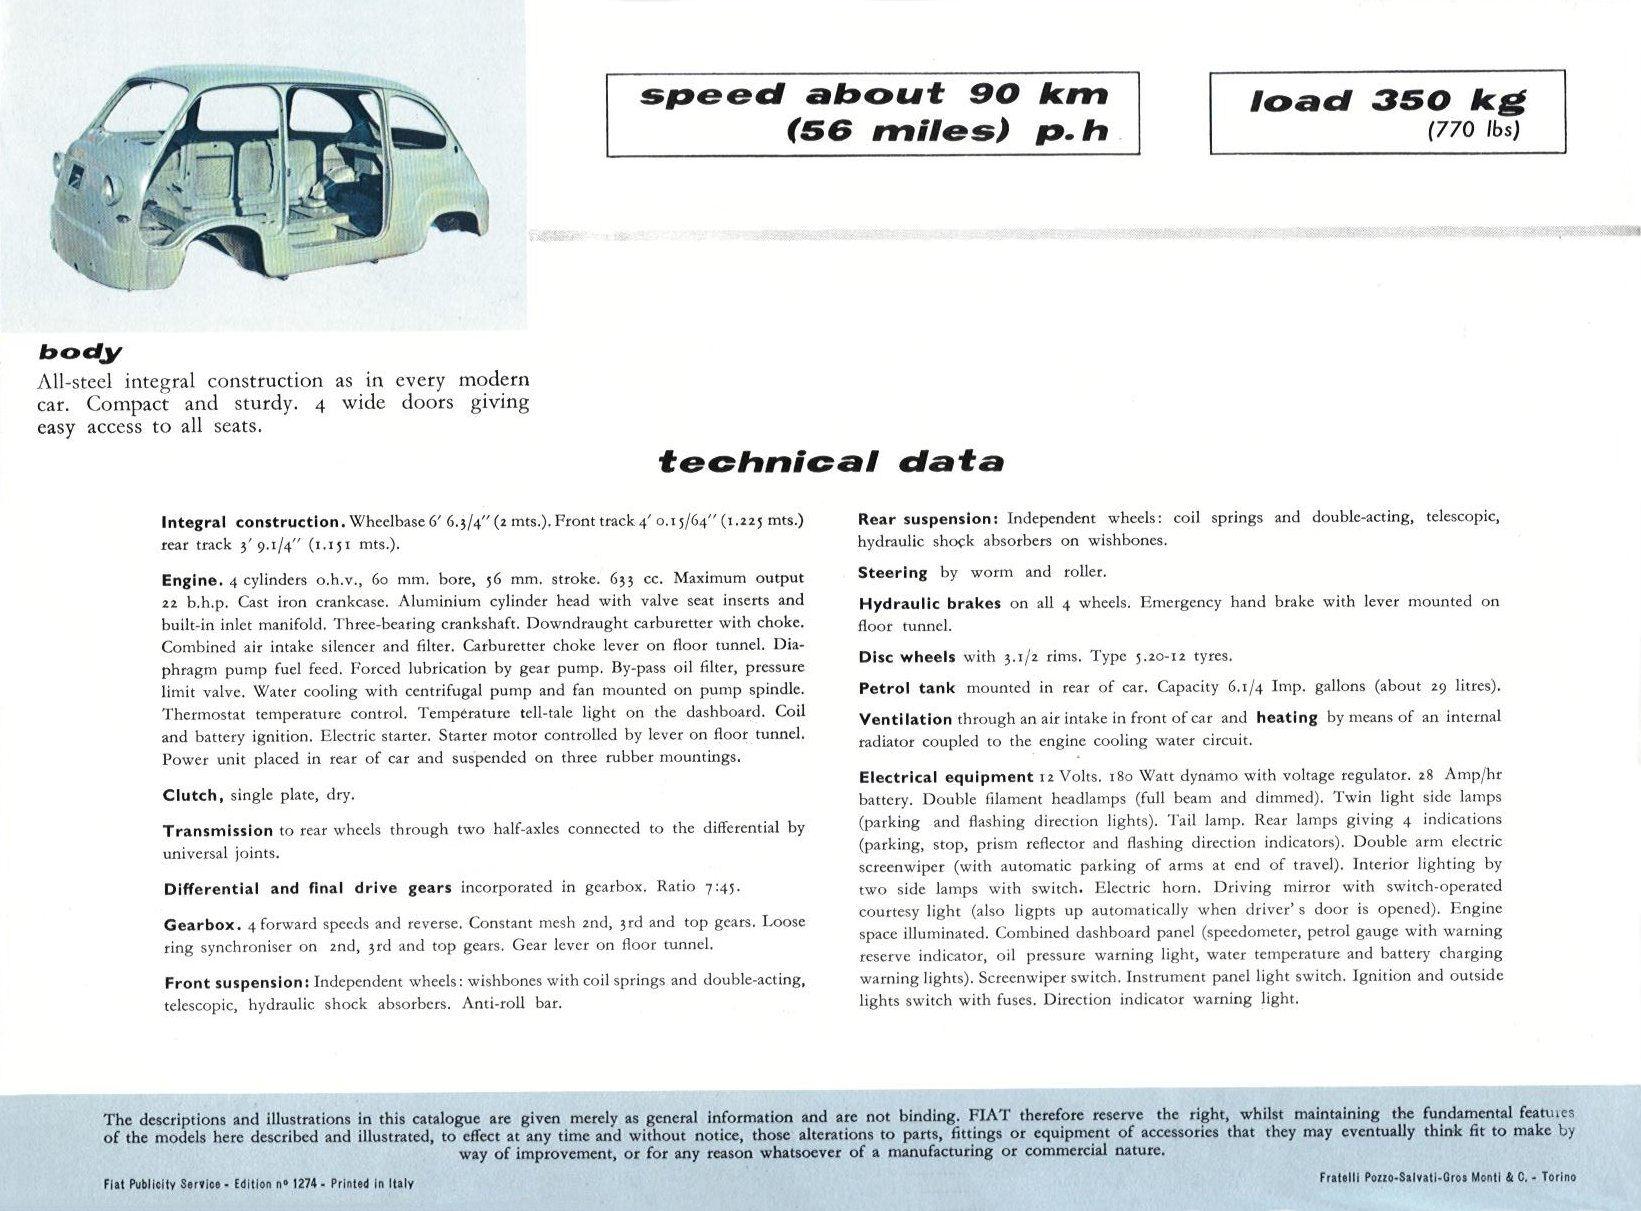 Руководство на русском языке по эксплуатации и ремонту fiat albea с 2005 года выпуска с бензиновым двигателем объемом